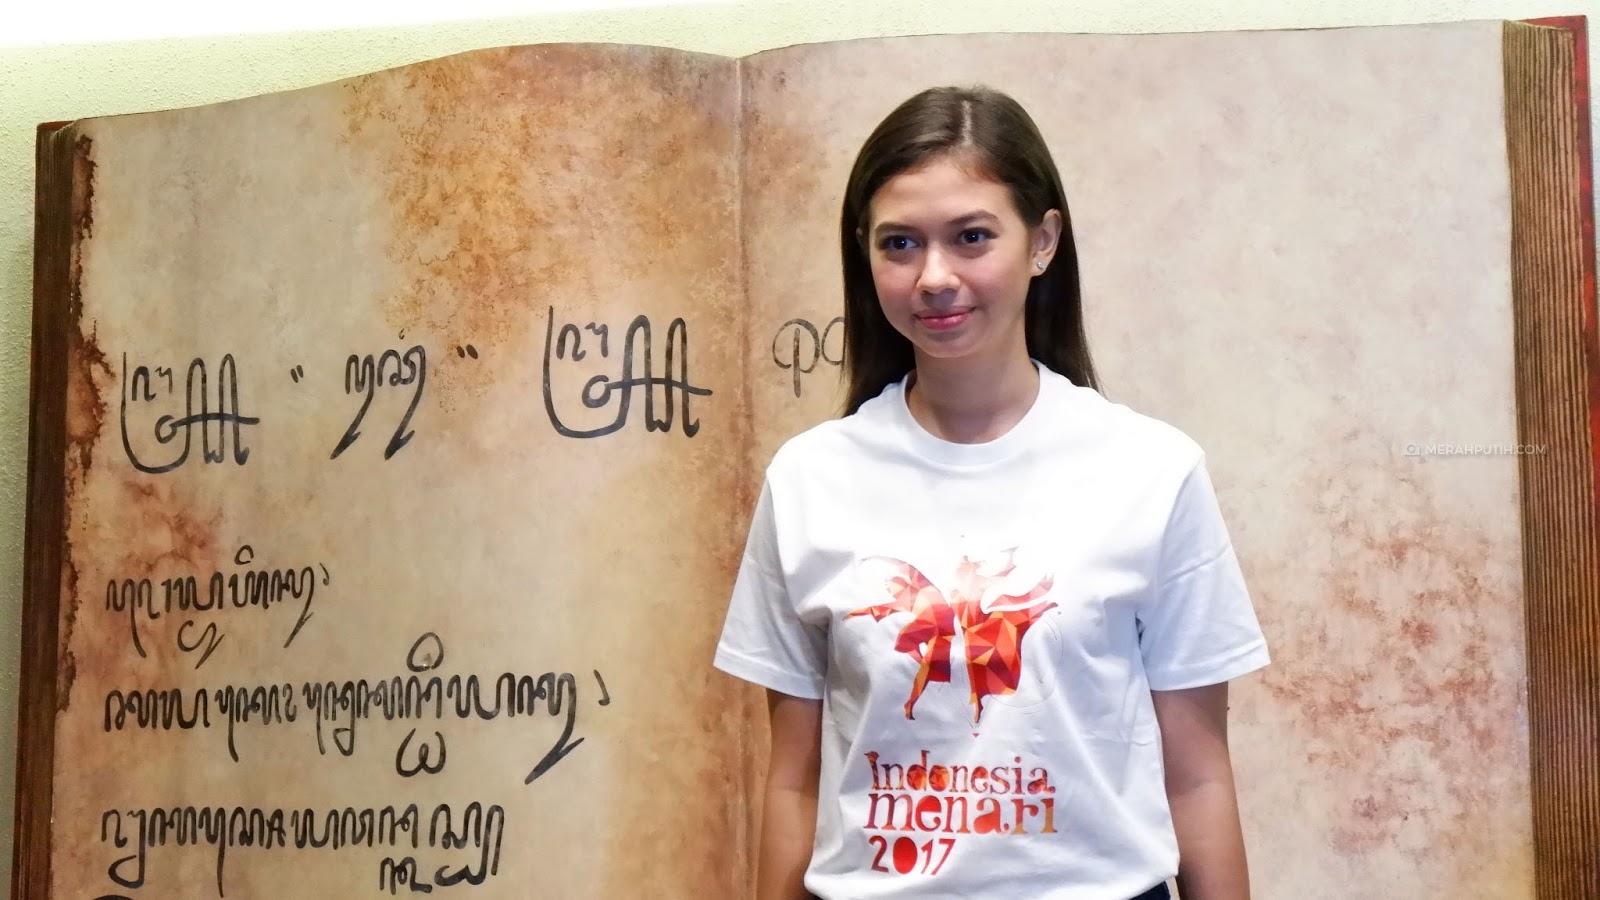 cewek dan artis jepang dari Indonesia yang terkenal remakan di hotel jakarta